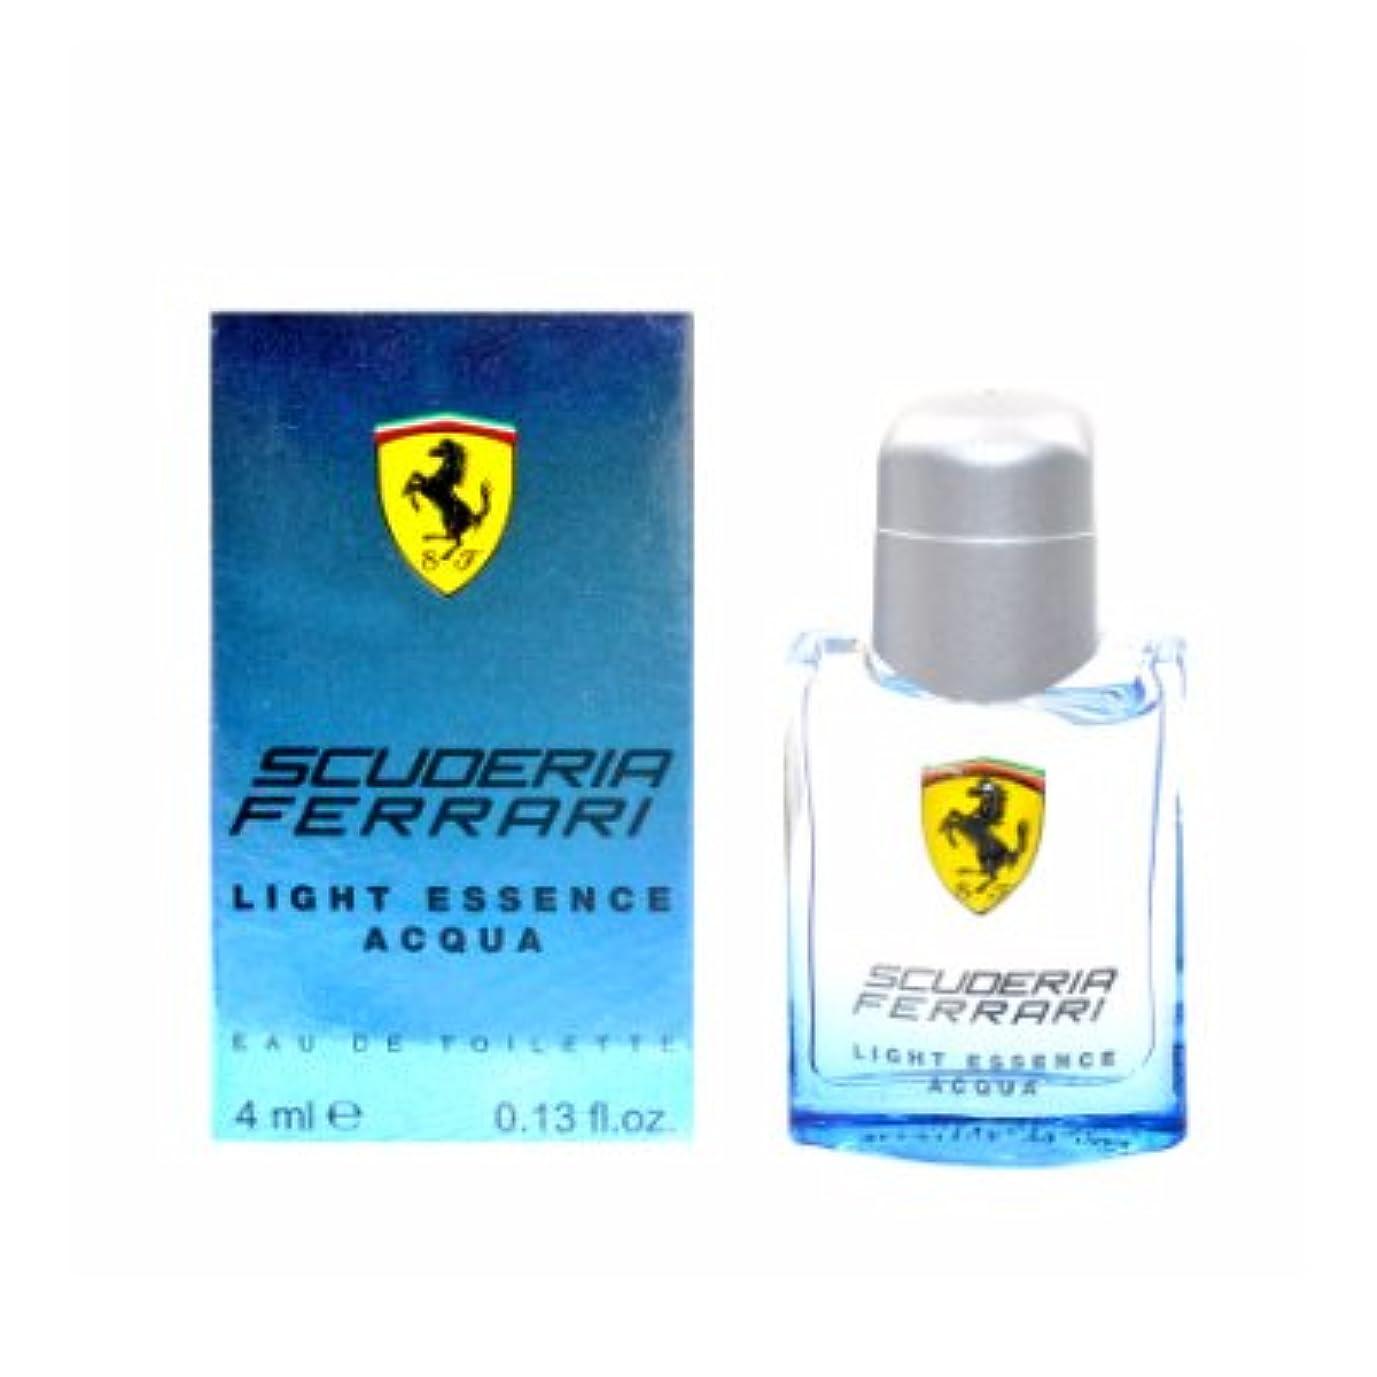 繁雑放棄する一般化するFerrari Scuderia Light Essence Acqua EDT Mini 4ml(フェラーリ スクーデリア ライト エッセンス アクア オードトワレ ミニ 4ml)[海外直送品] [並行輸入品]